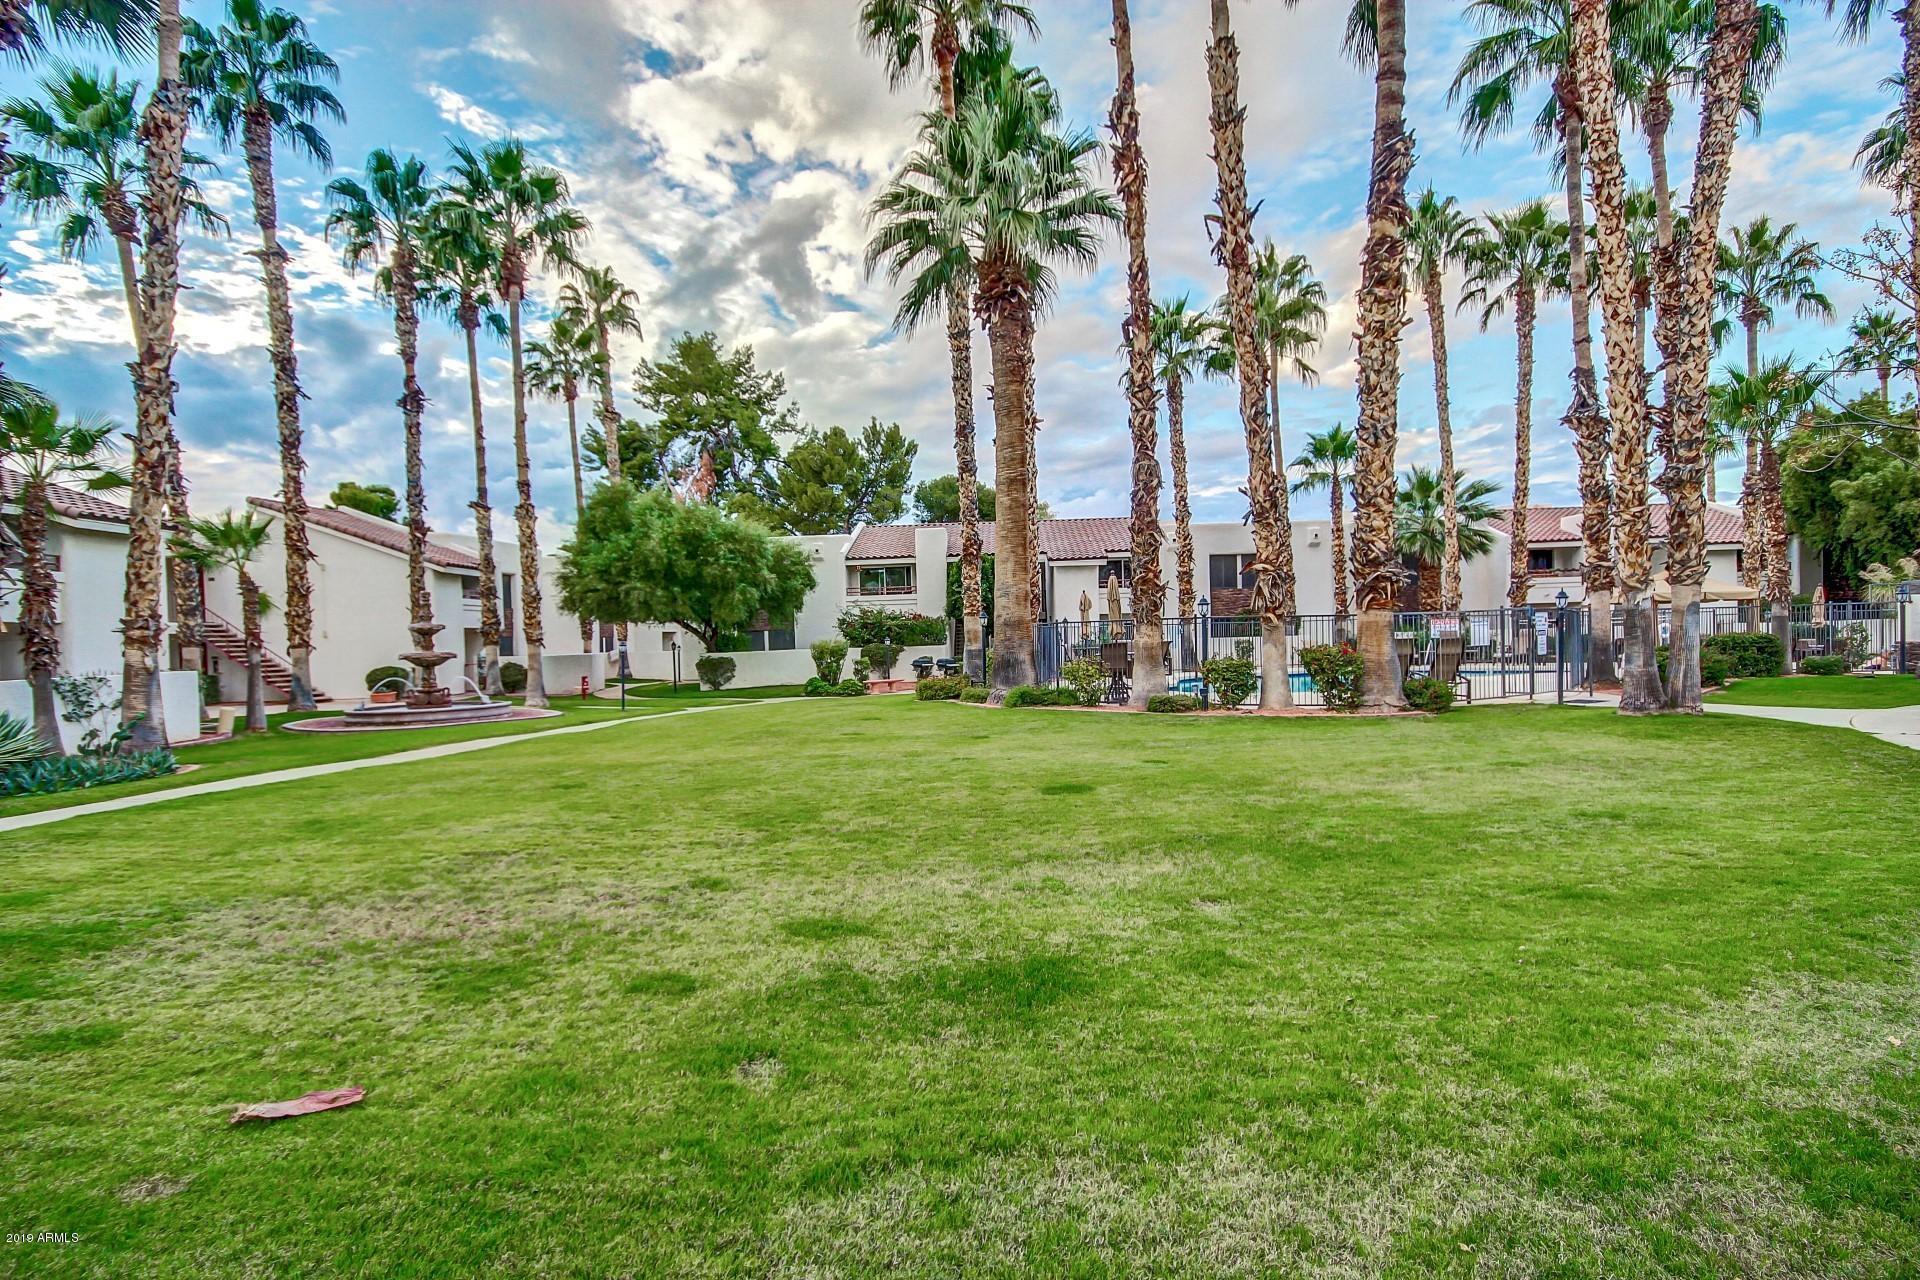 MLS 5970896 7350 N VIA PASEO DEL SUR -- Unit Q105 Building Q, Scottsdale, AZ 85258 Scottsdale AZ Golf